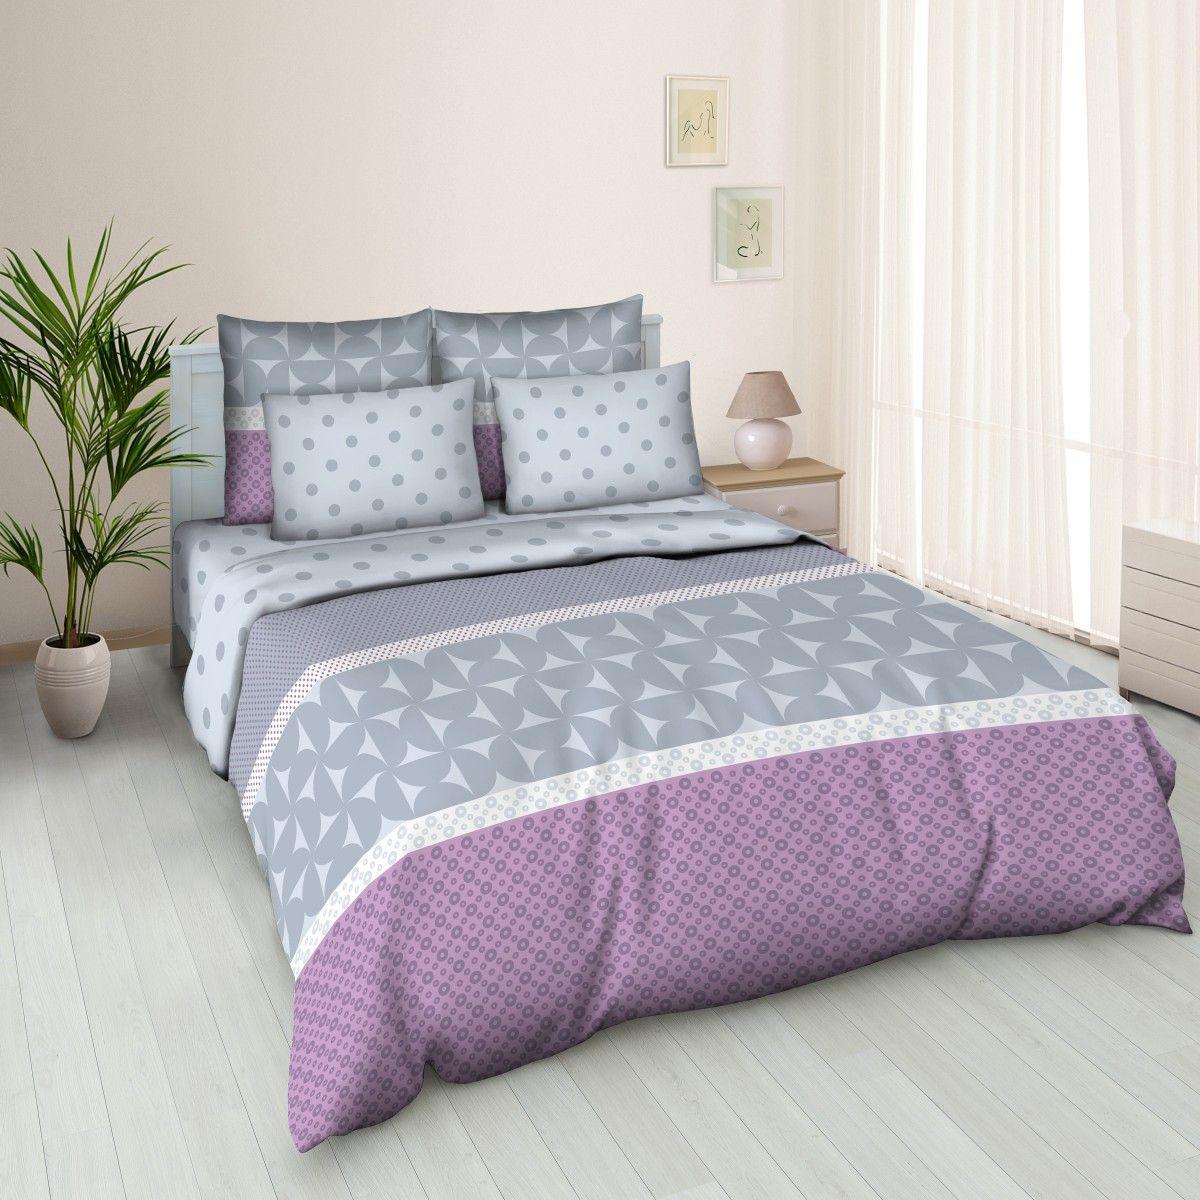 Комплект белья Amore Mio Solo, 2-спальный, наволочки 70x70, цвет: серый, сиреневый, белый83333Постельное белье из бязи практично и долговечно, а самое главное - это 100% хлопок! Материал великолепно отводит влагу, отлично пропускает воздух, не капризен в уходе, легко стирается и гладится. Новая коллекция Naturel 3-D дизайнов позволит выбрать постельное белье на любой вкус!